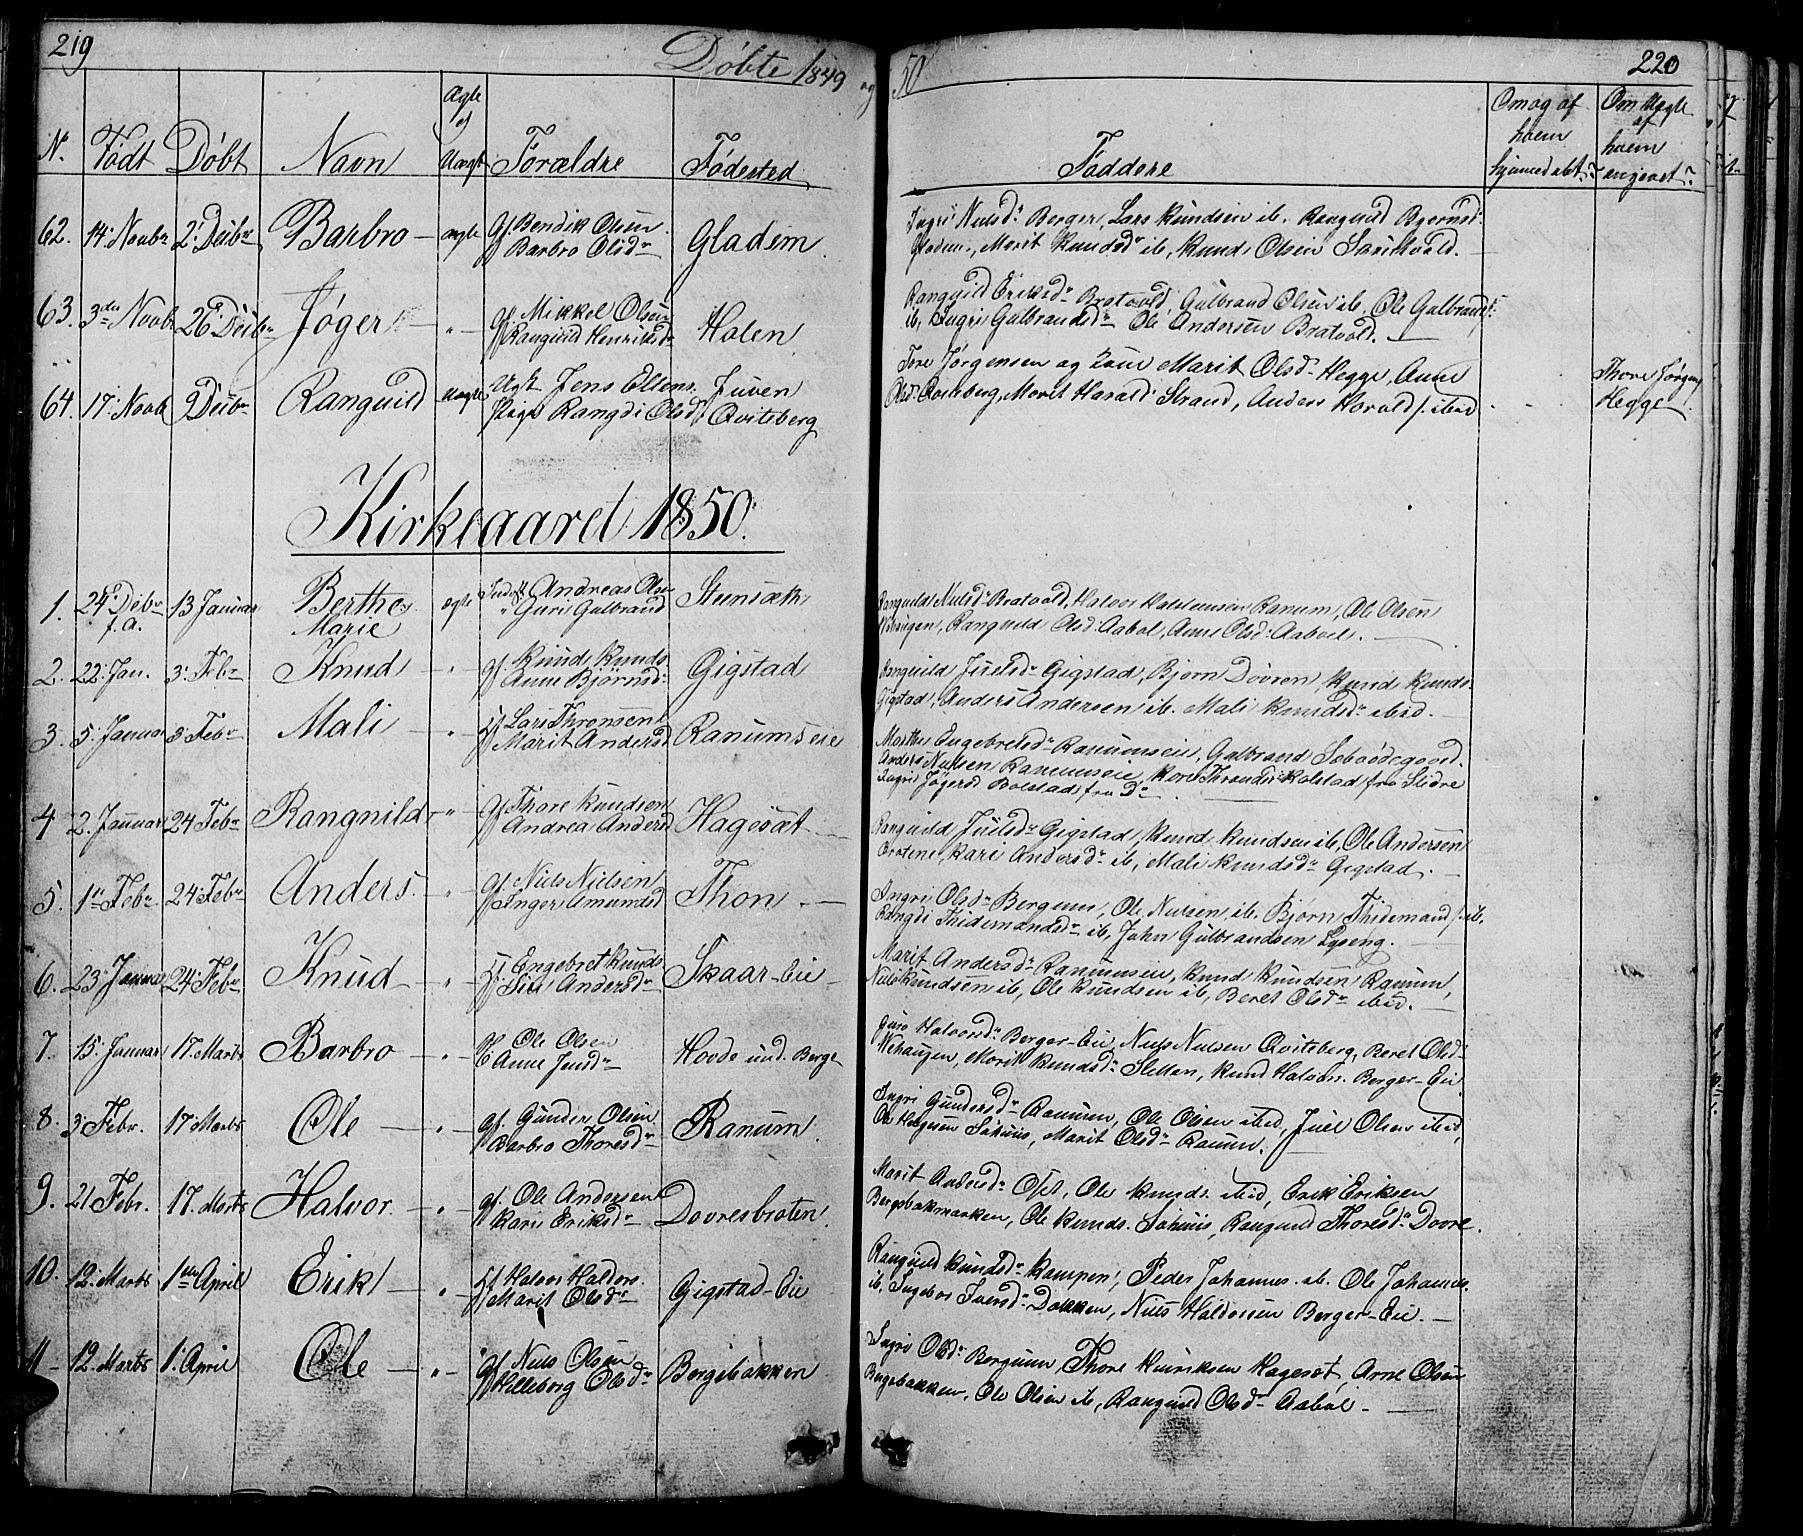 SAH, Nord-Aurdal prestekontor, Klokkerbok nr. 1, 1834-1887, s. 219-220